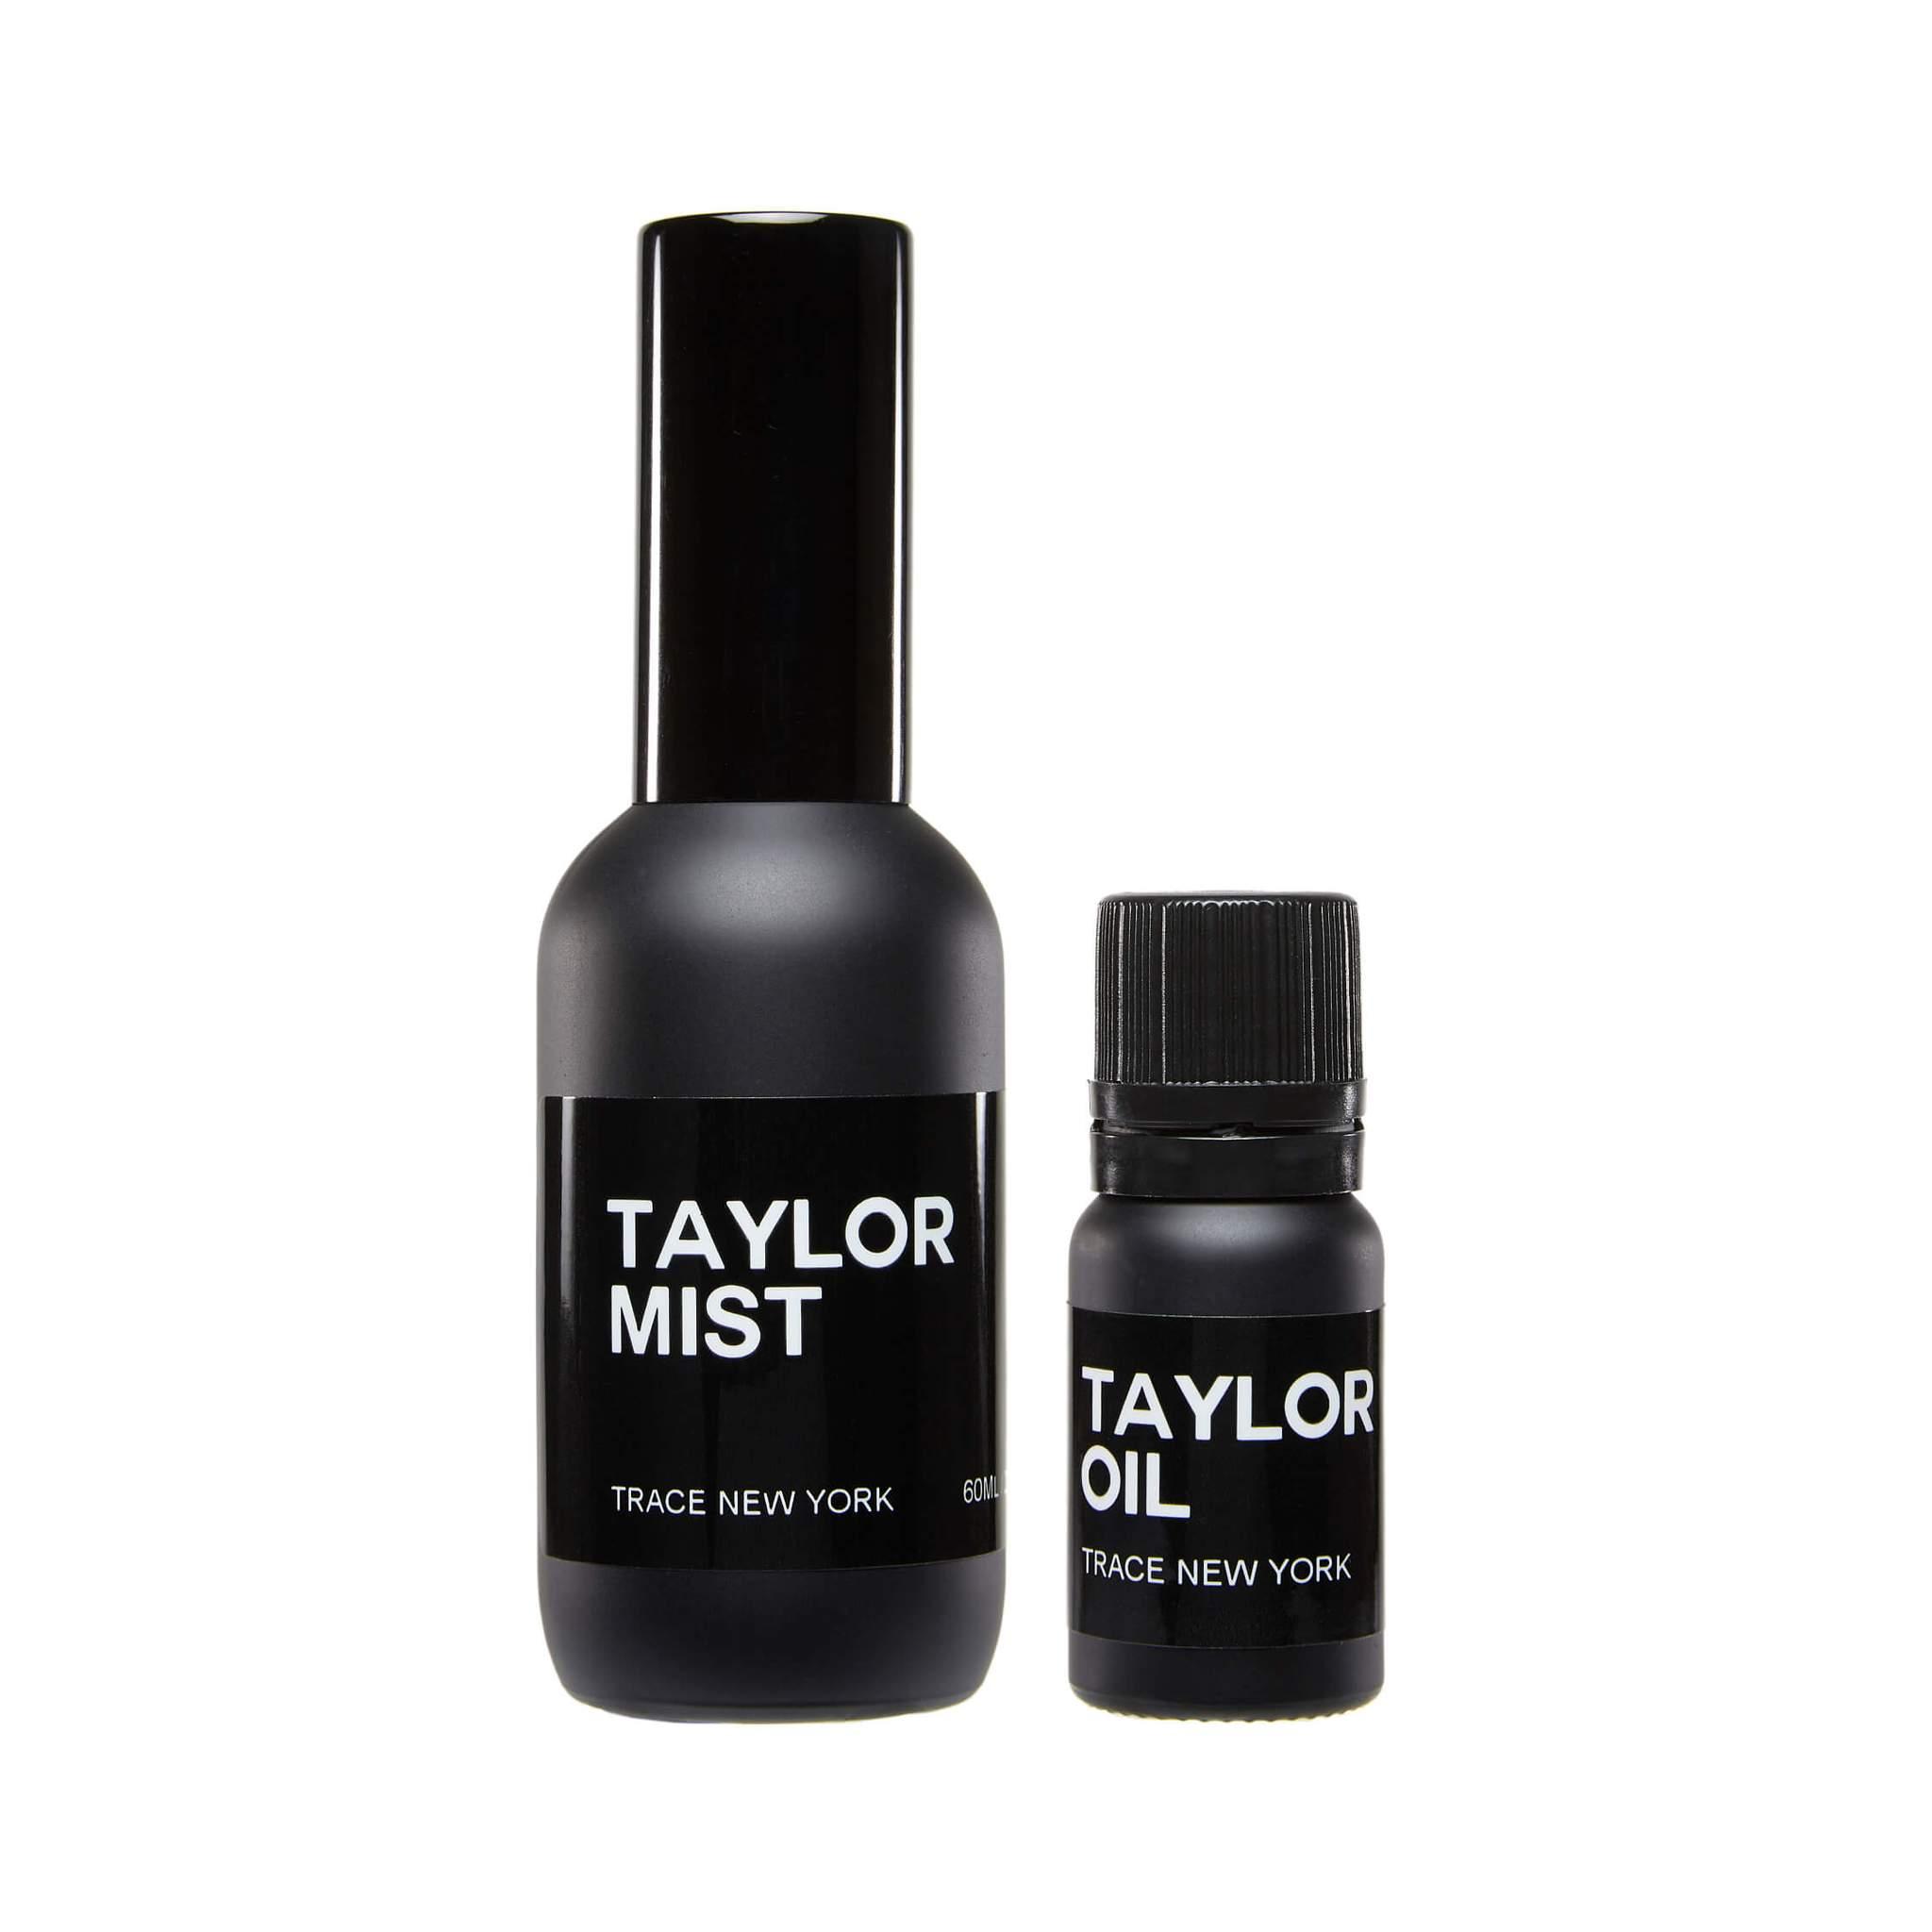 TNY-TAYLOR-Duo